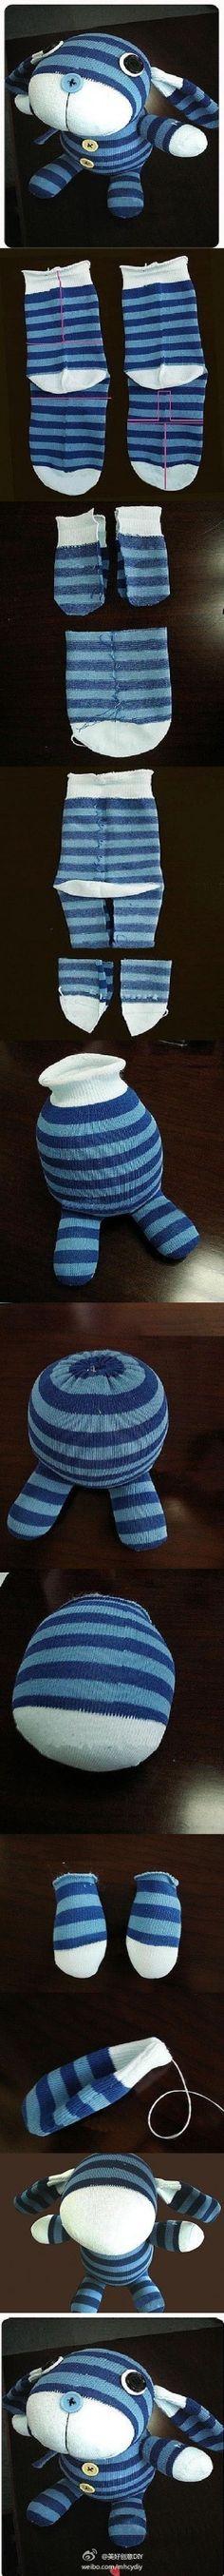 Sock dolls diy